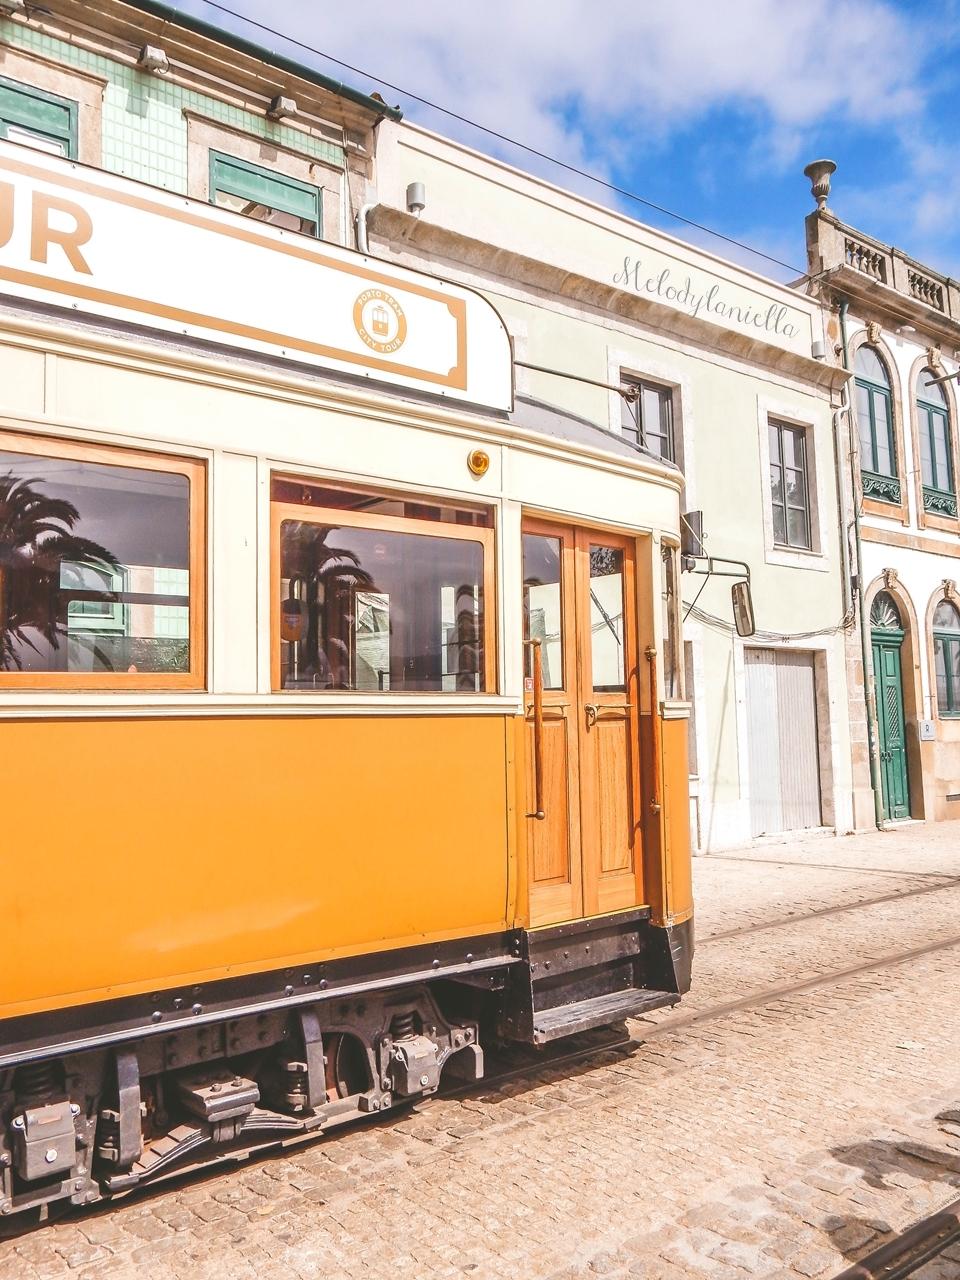 2a-2  co zobaczyć w Porto w portugalii ciekawe miejsca musisz zobaczyć top miejsc w porto zabytki piękne uliczki miejsca godne zobaczenia blog podróżniczy portugalia melodylaniella